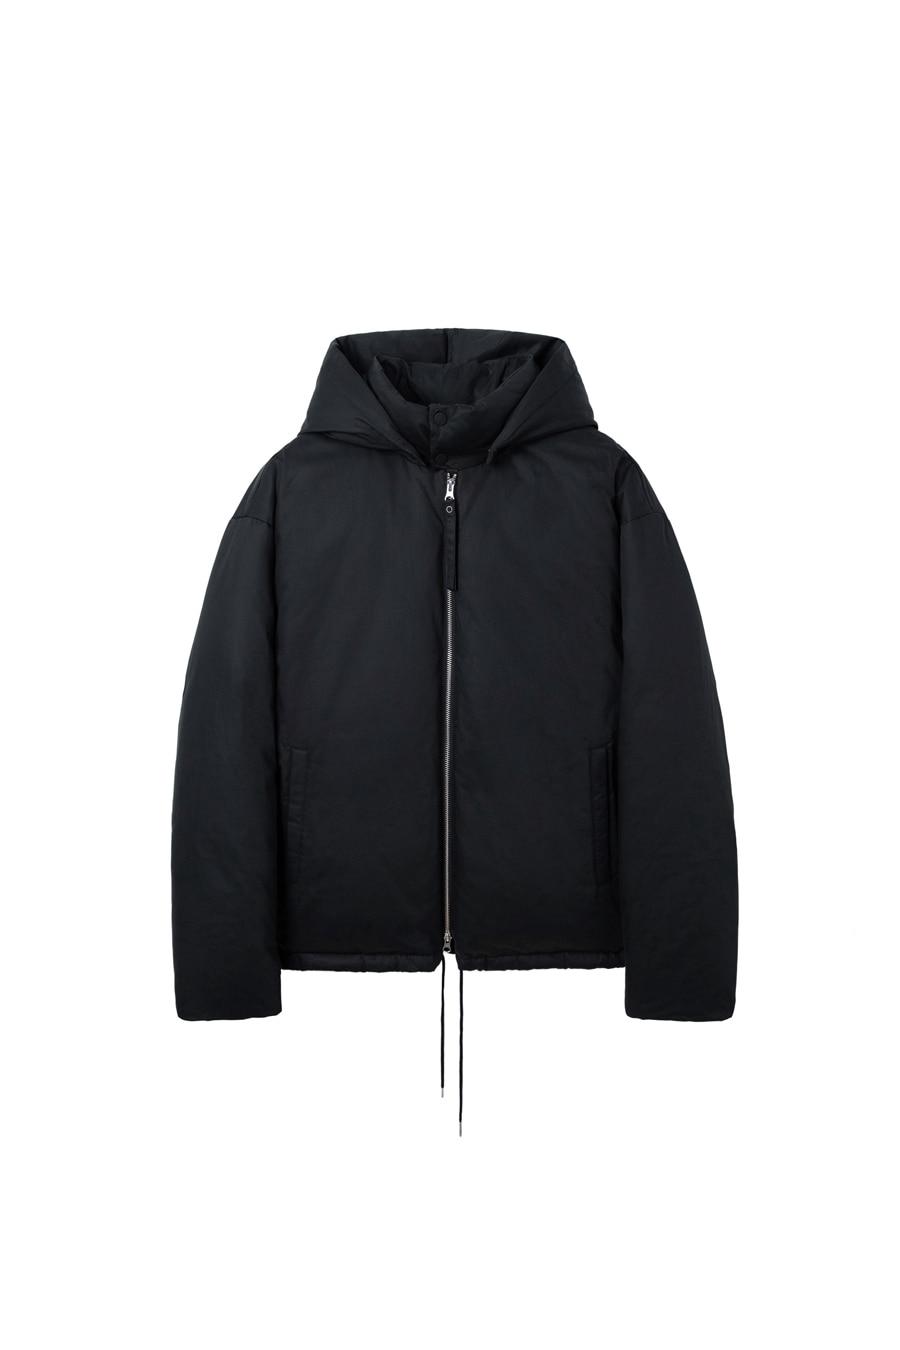 (예약발송) BEL&CO 수피마 구스 다운 자켓 BLACK